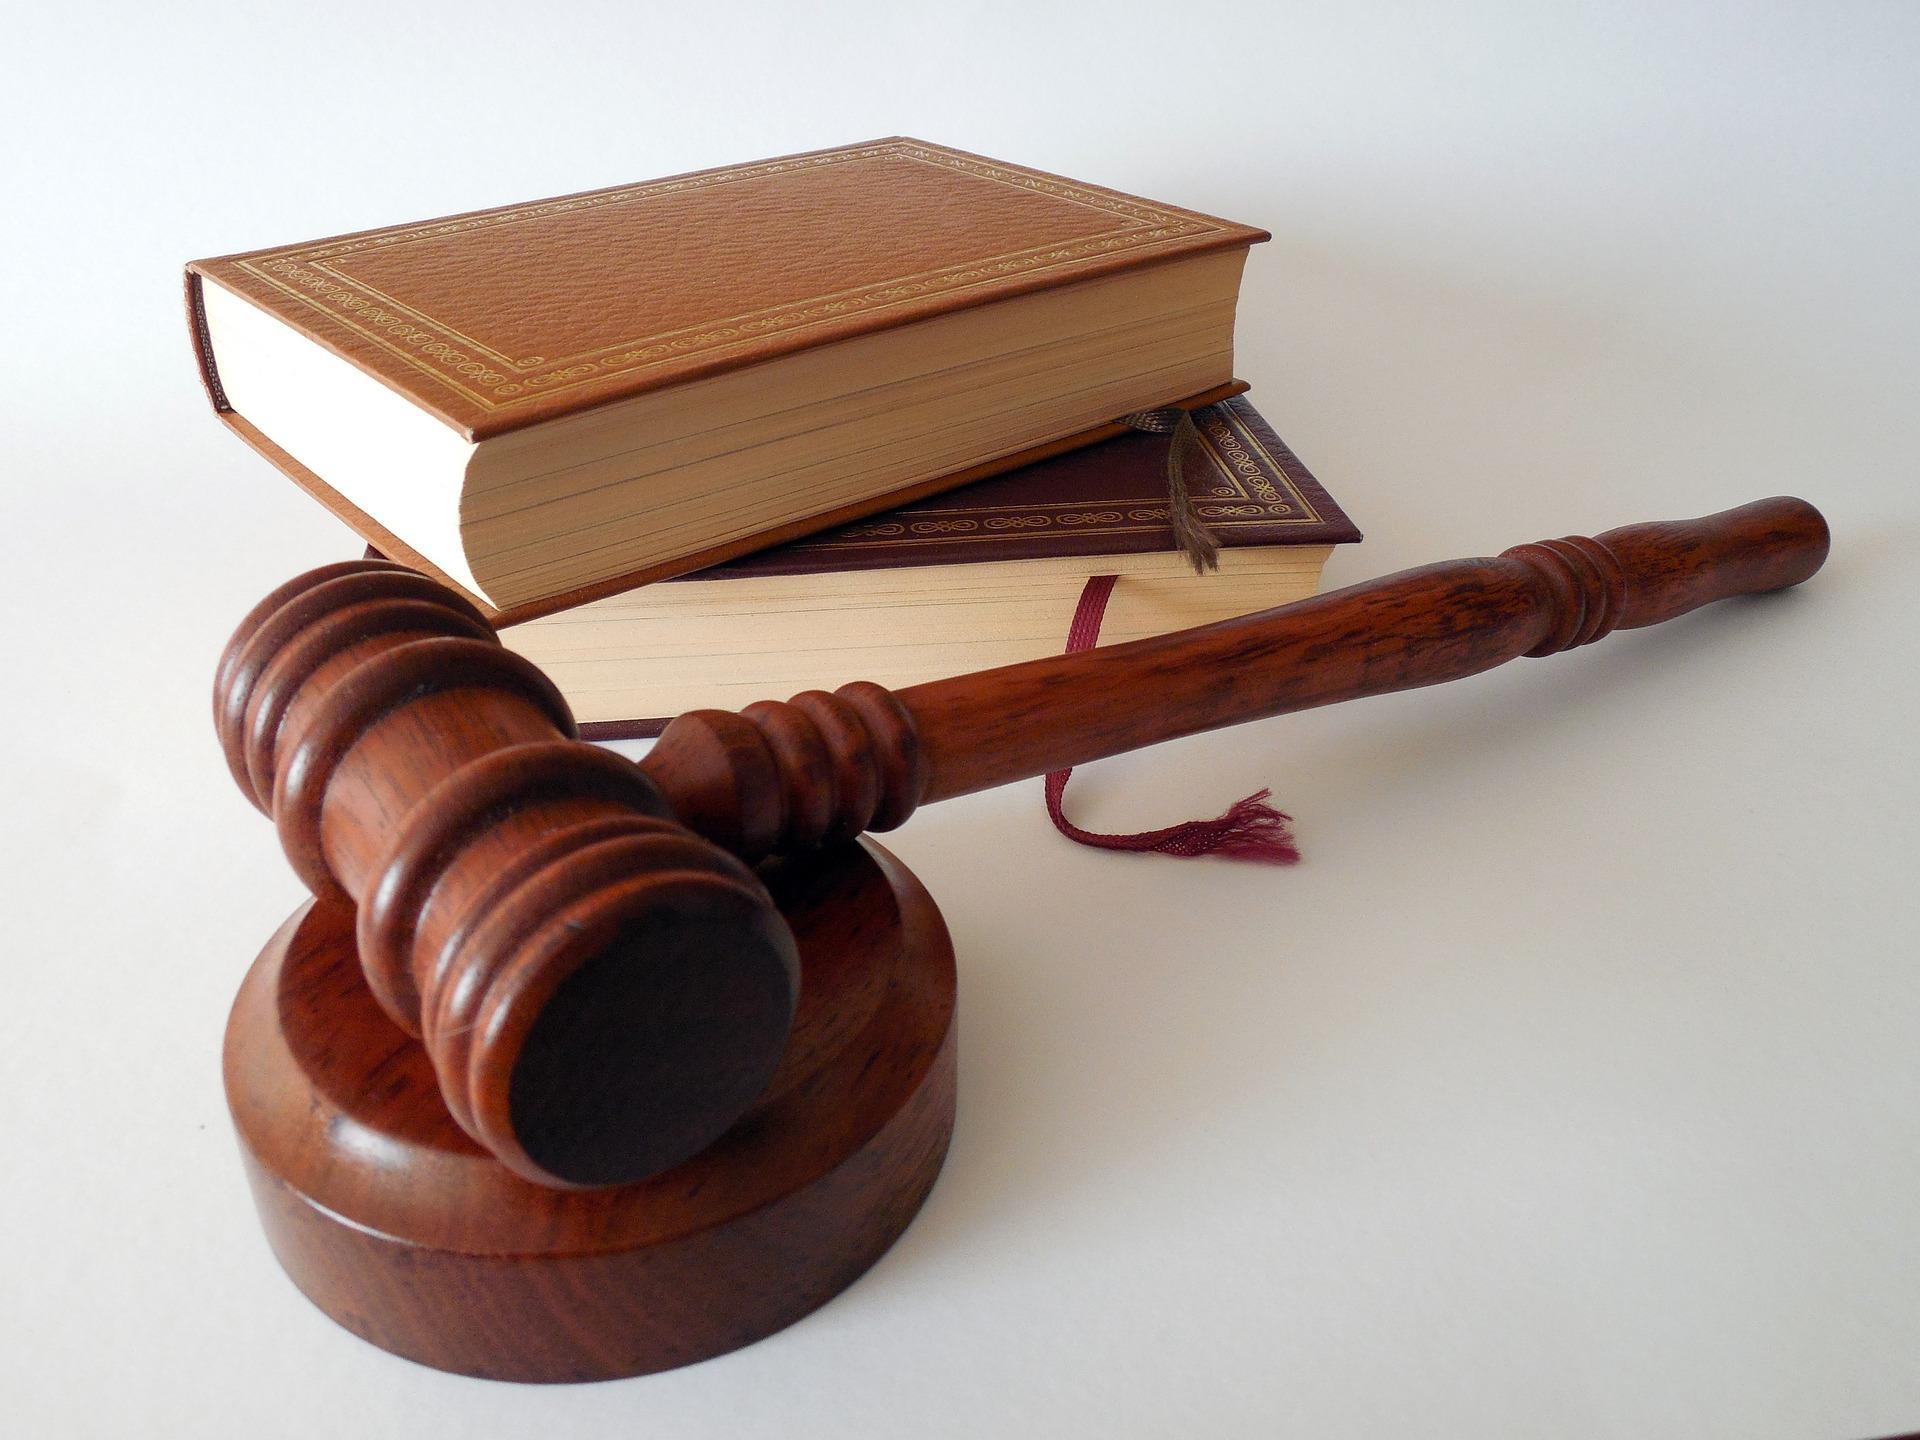 Министр по делам молодёжи Якутии оштрафован за нарушение условий госконтракта